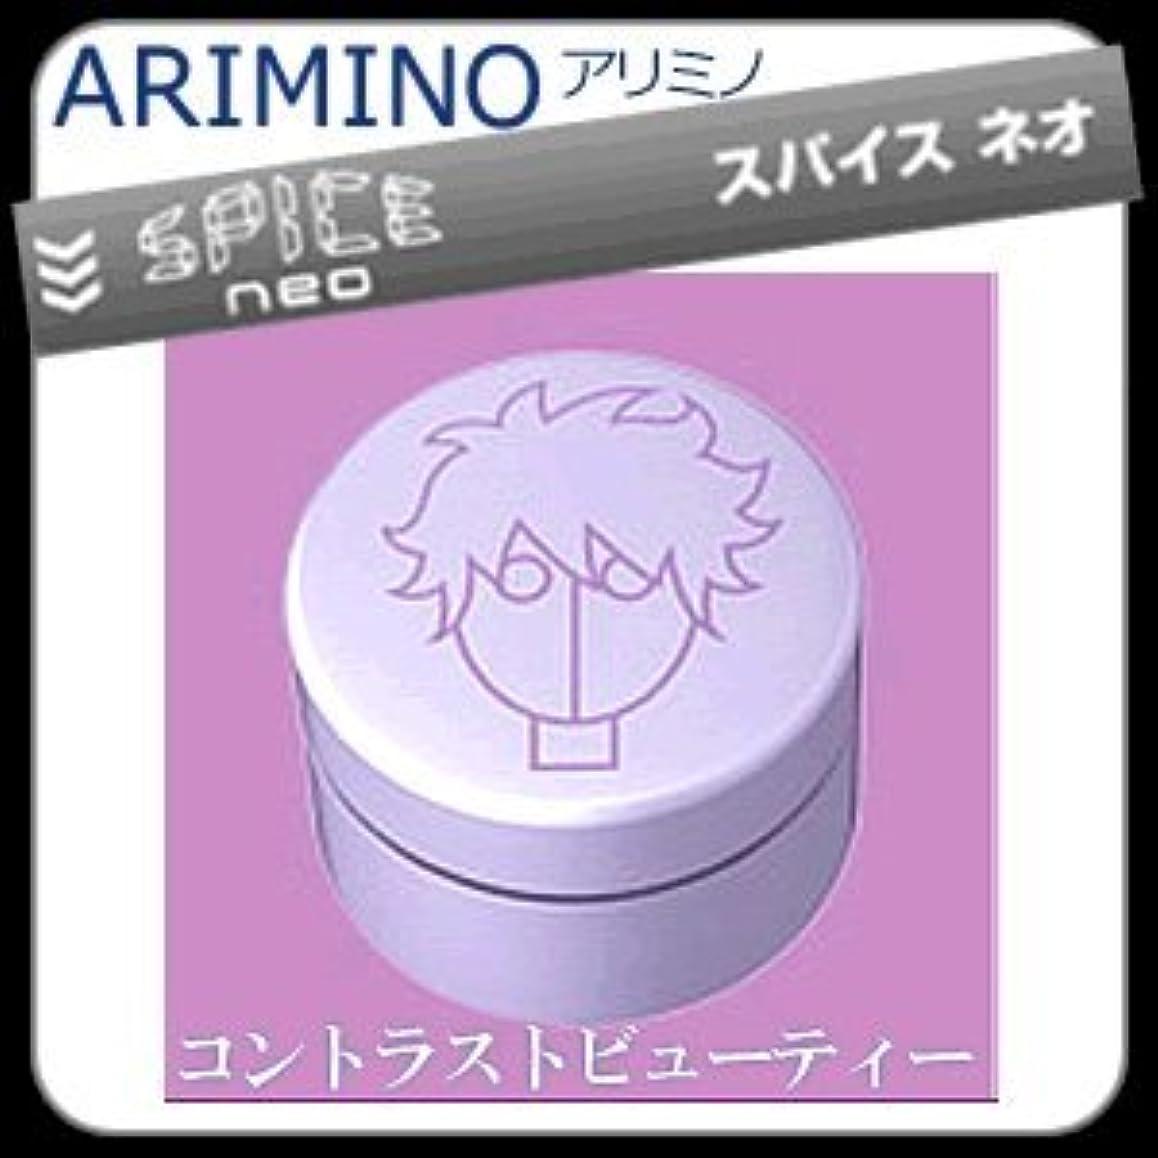 タンカーある溶けた【X3個セット】 アリミノ スパイスネオ FIBER-WAX ファイバーワックス 100g ARIMINO SPICE neo